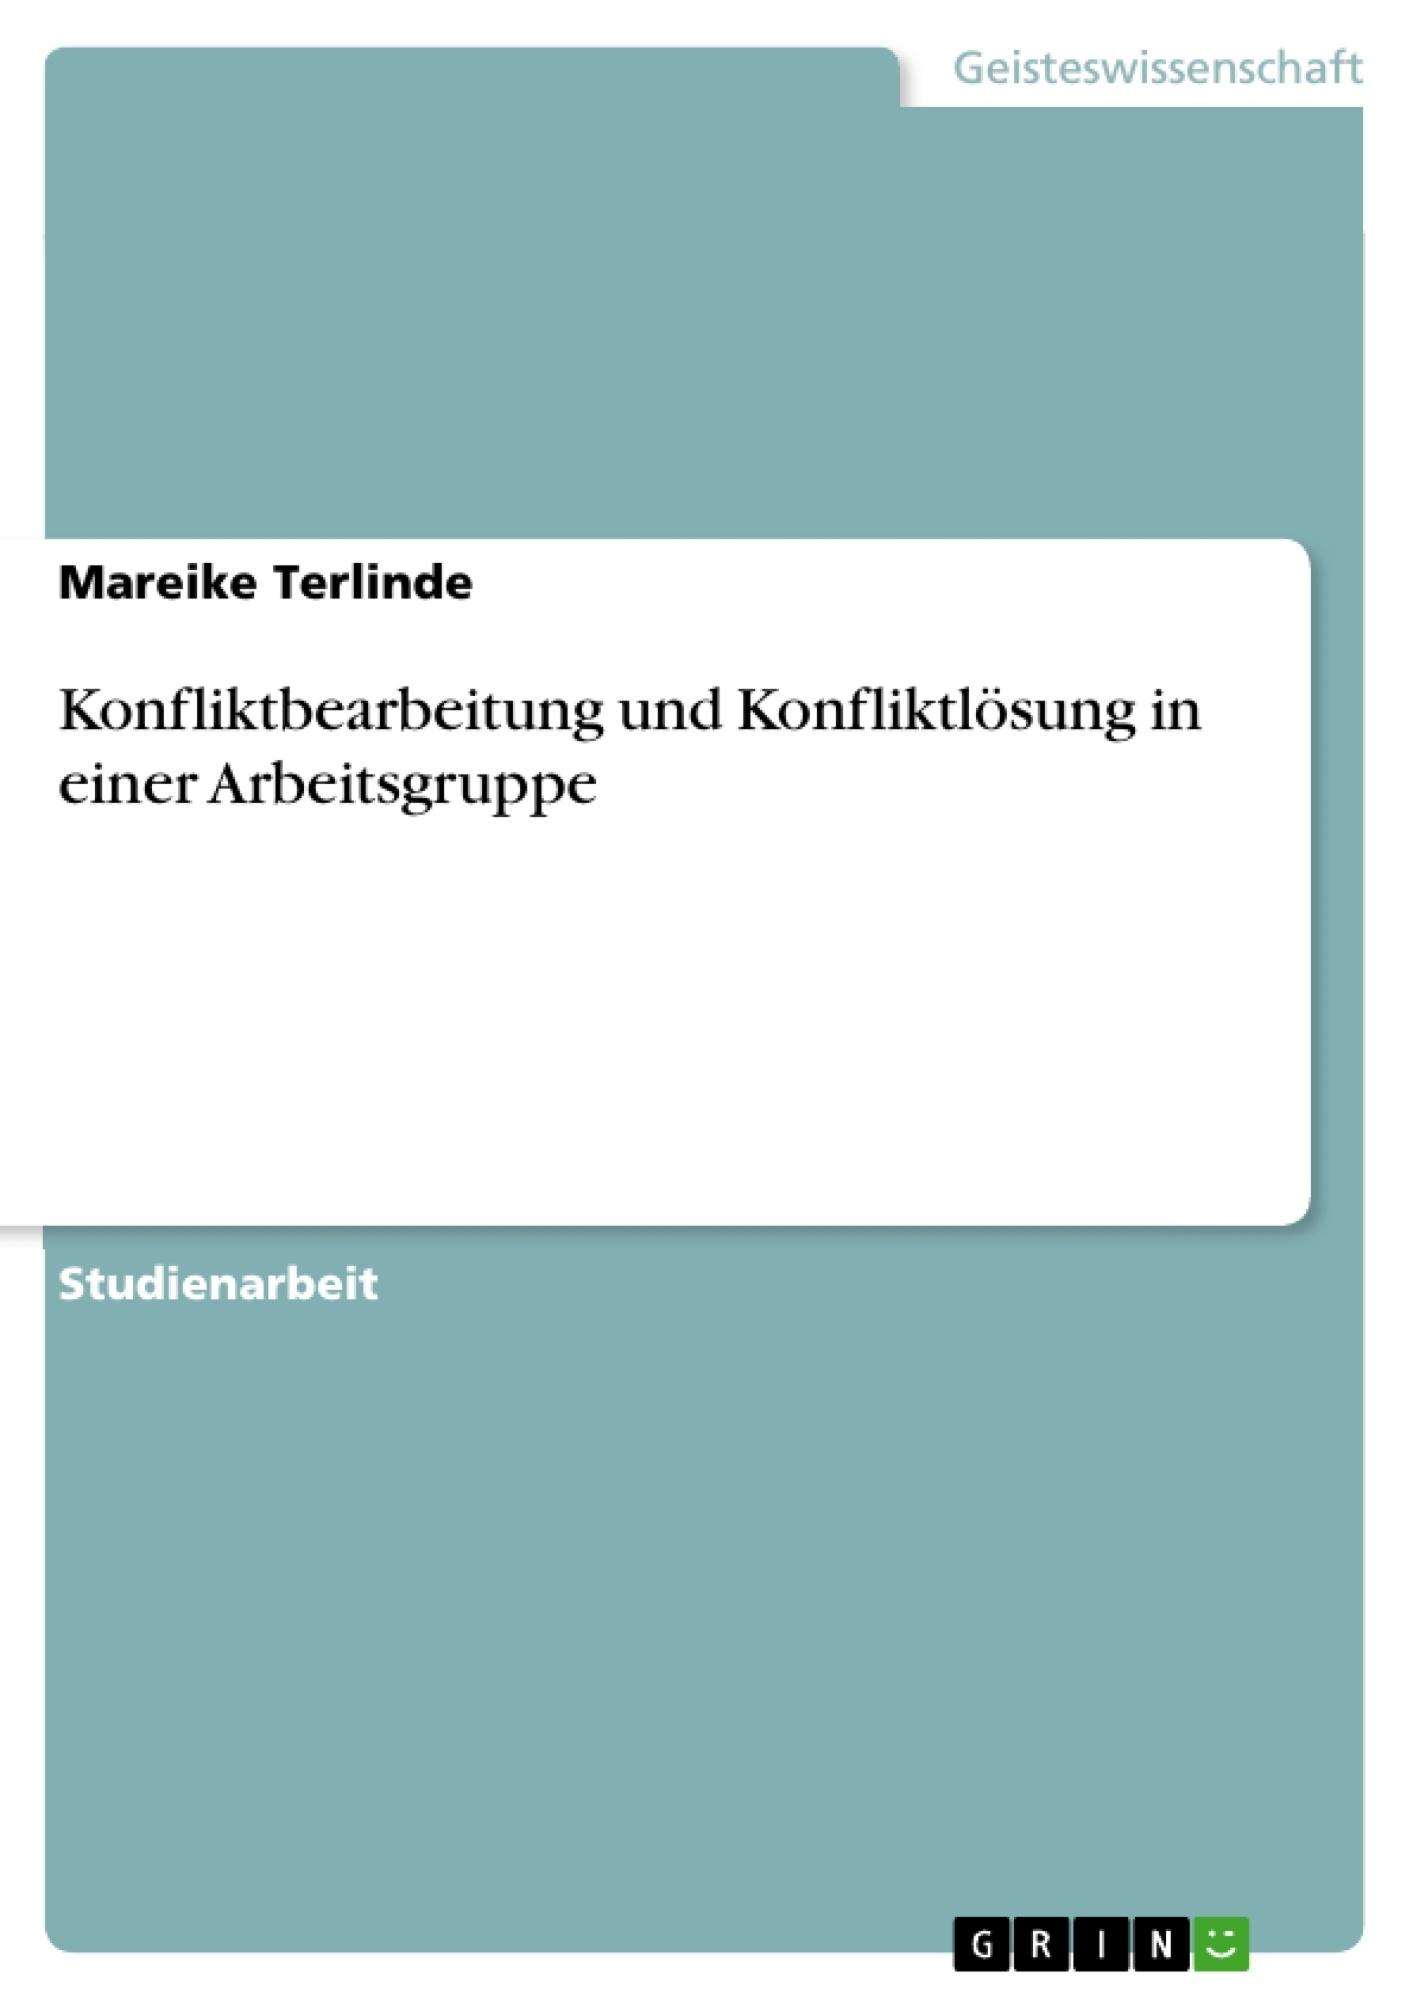 Titel: Konfliktbearbeitung und Konfliktlösung in einer Arbeitsgruppe